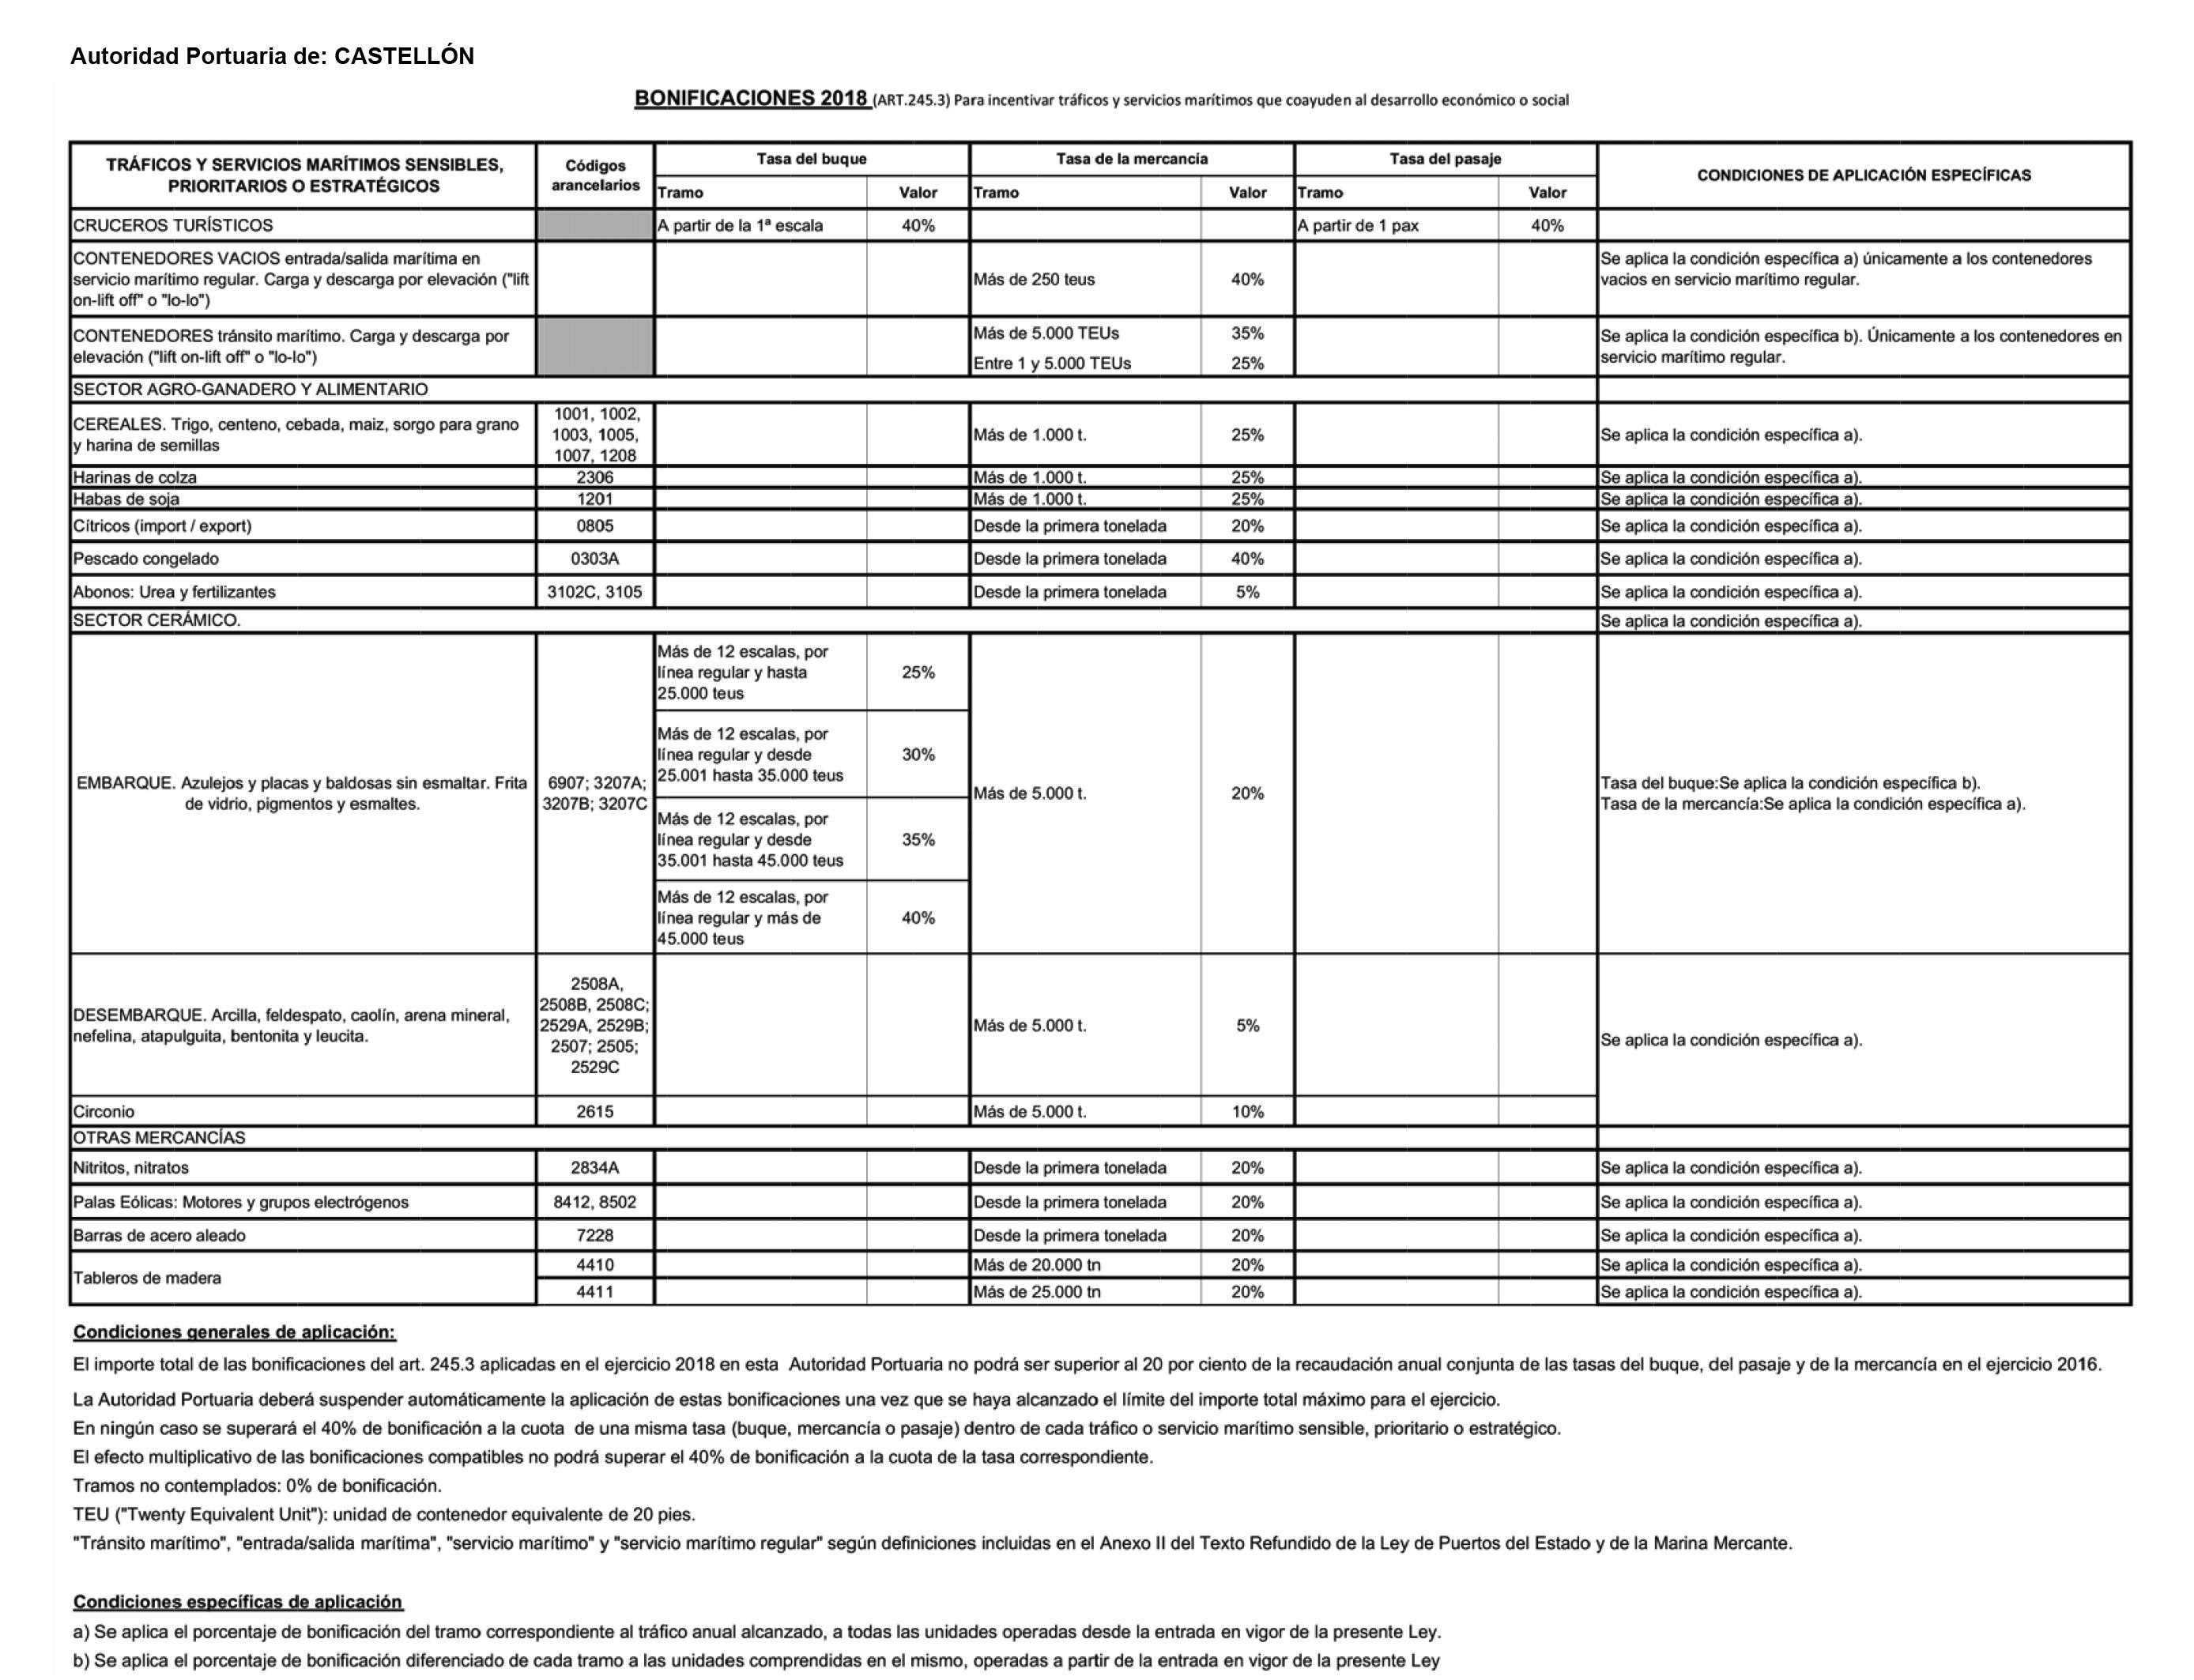 Calendario Oficial 2019 Alava Más Recientes Boe Documento Consolidado Boe A 2018 9268 Of Calendario Oficial 2019 Alava Más Reciente Boe Documento Boe A 2018 9268